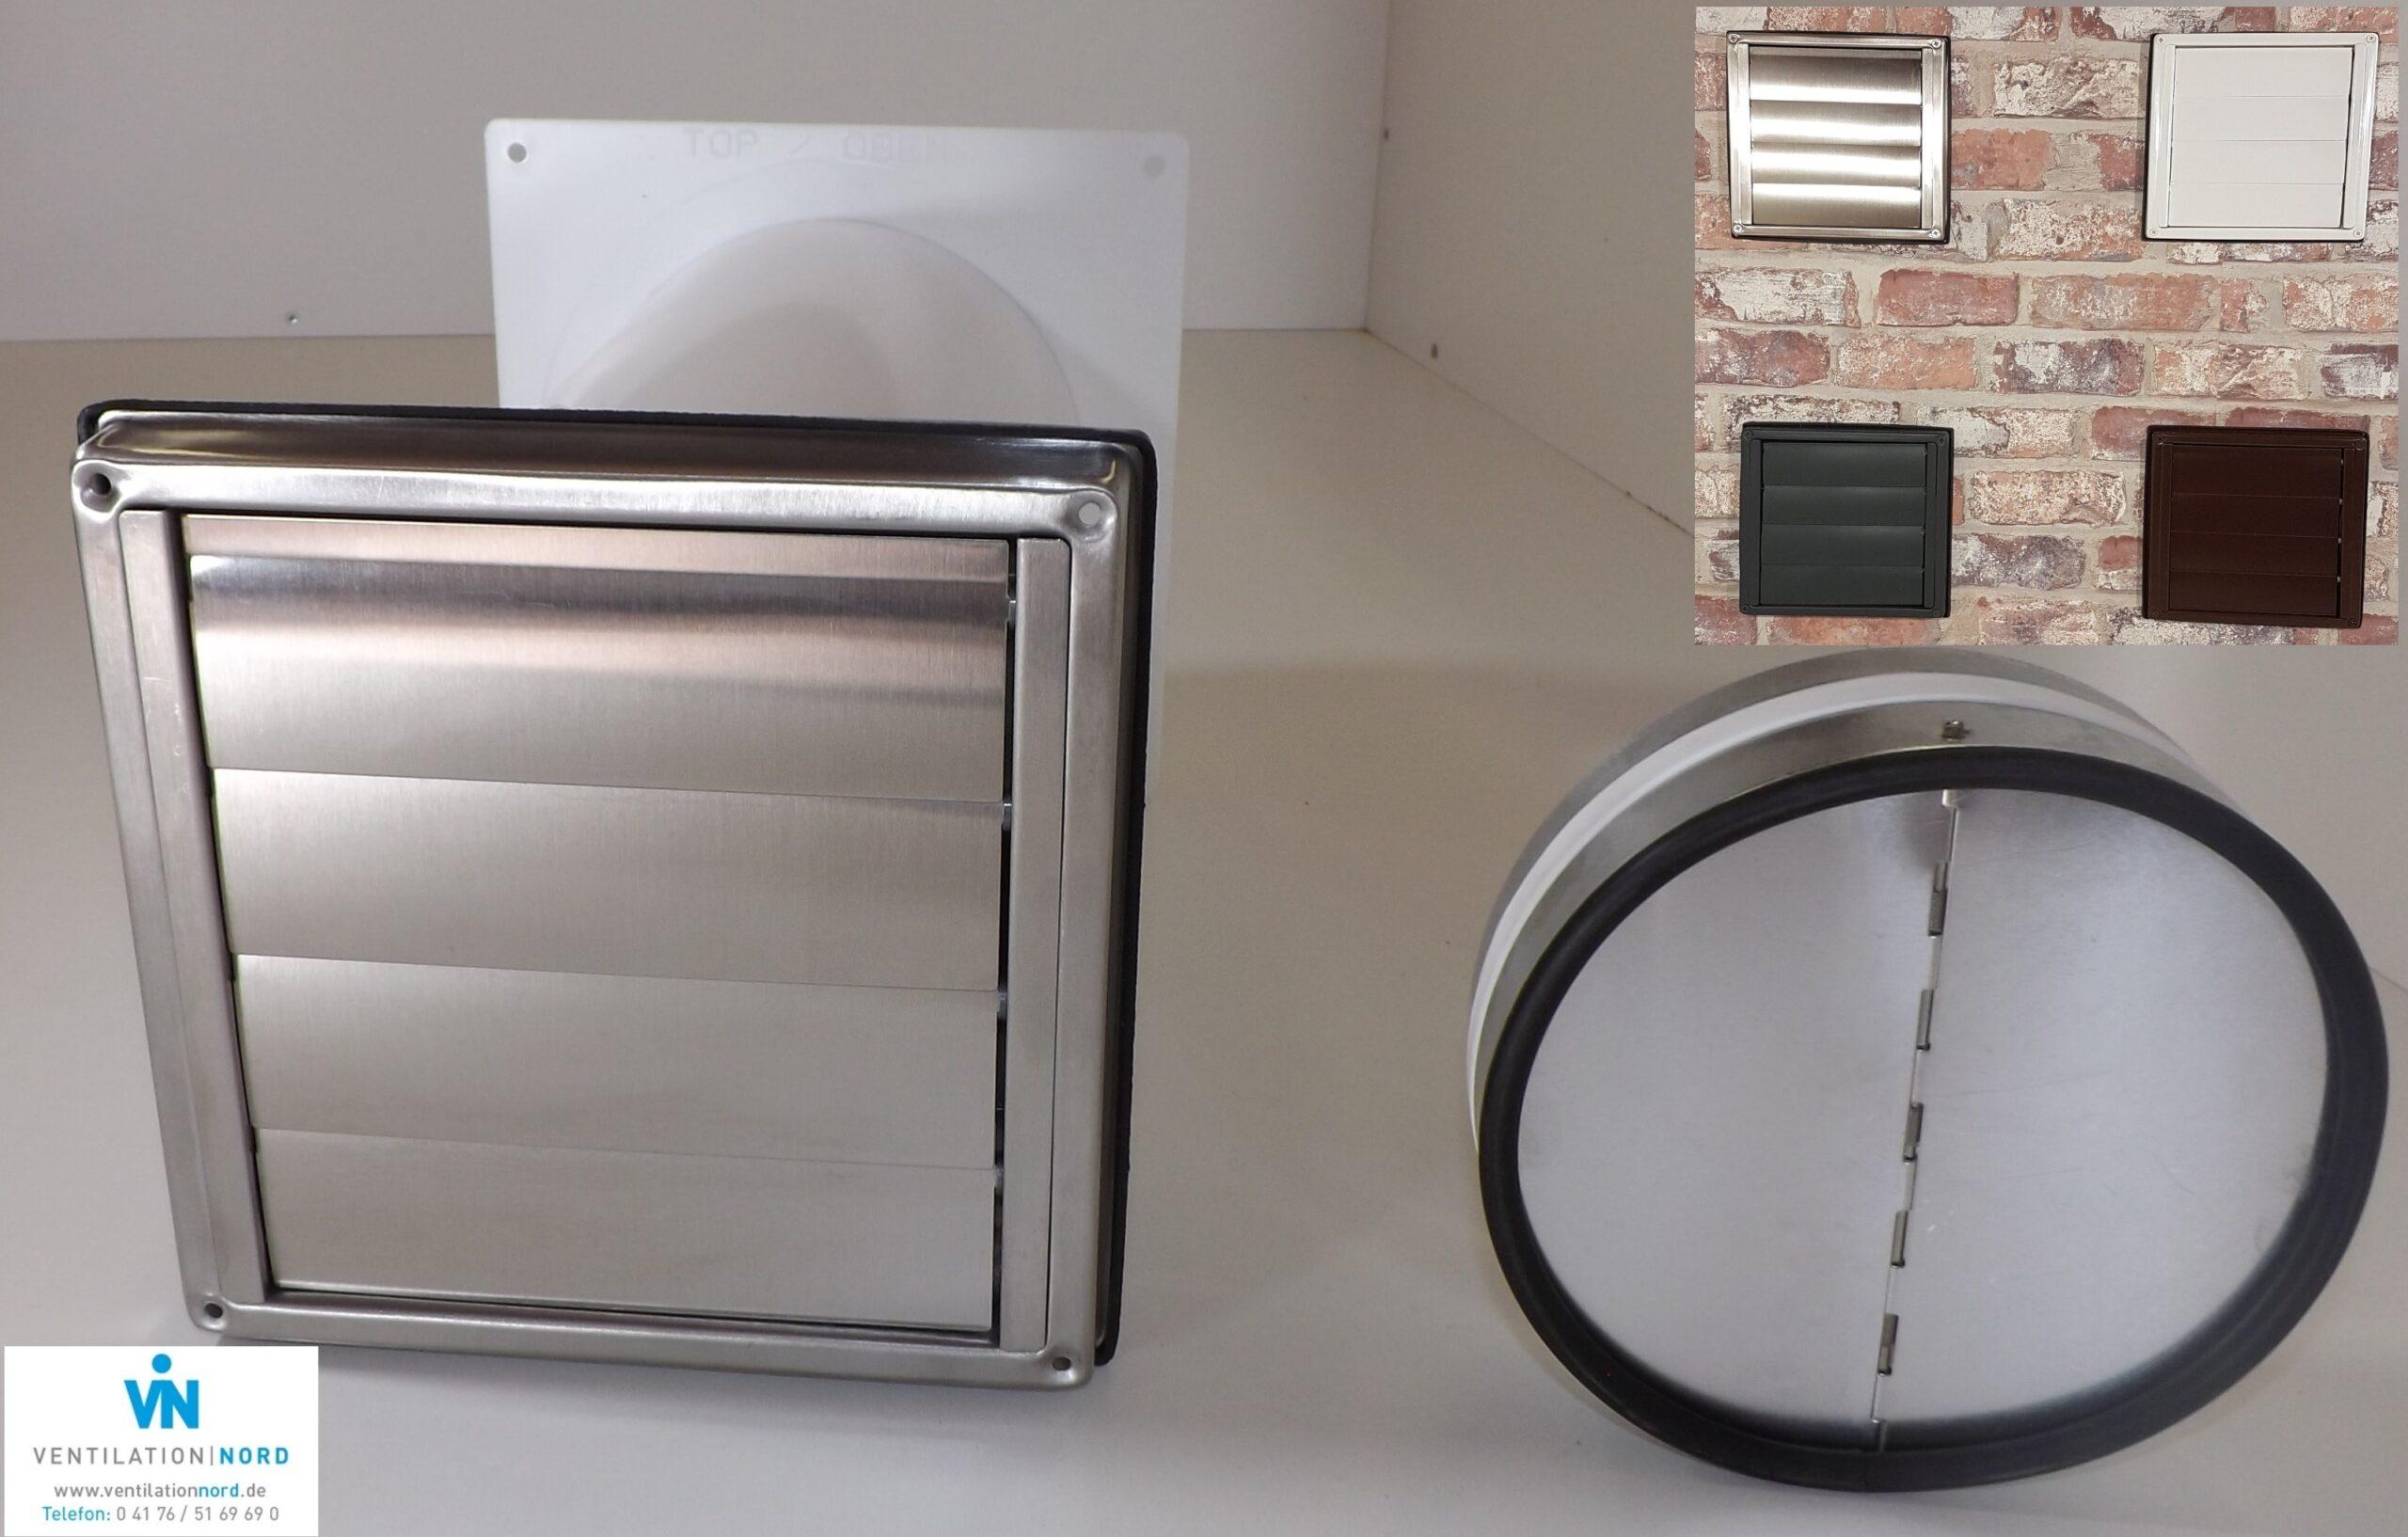 Full Size of Küchenabluft Mauerkasten Teleskoprohr Edelstahl Gitter Wetterschutzgitter Wohnzimmer Küchenabluft